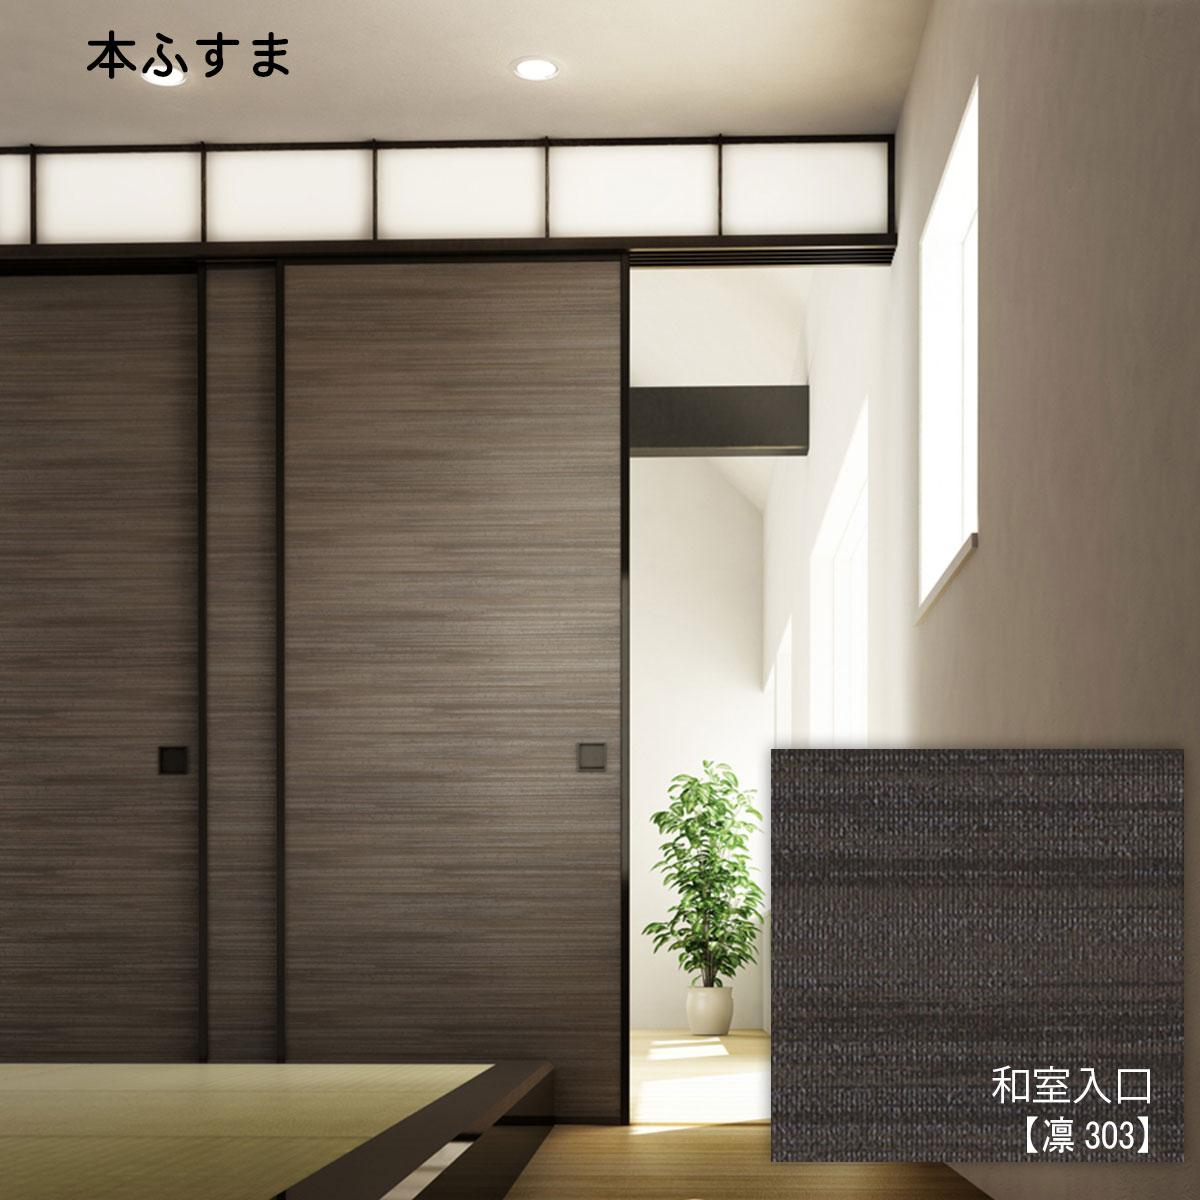 本ふすま 襖 和室入口 全国宅配 凛303 Mサイズ H600 1910mm